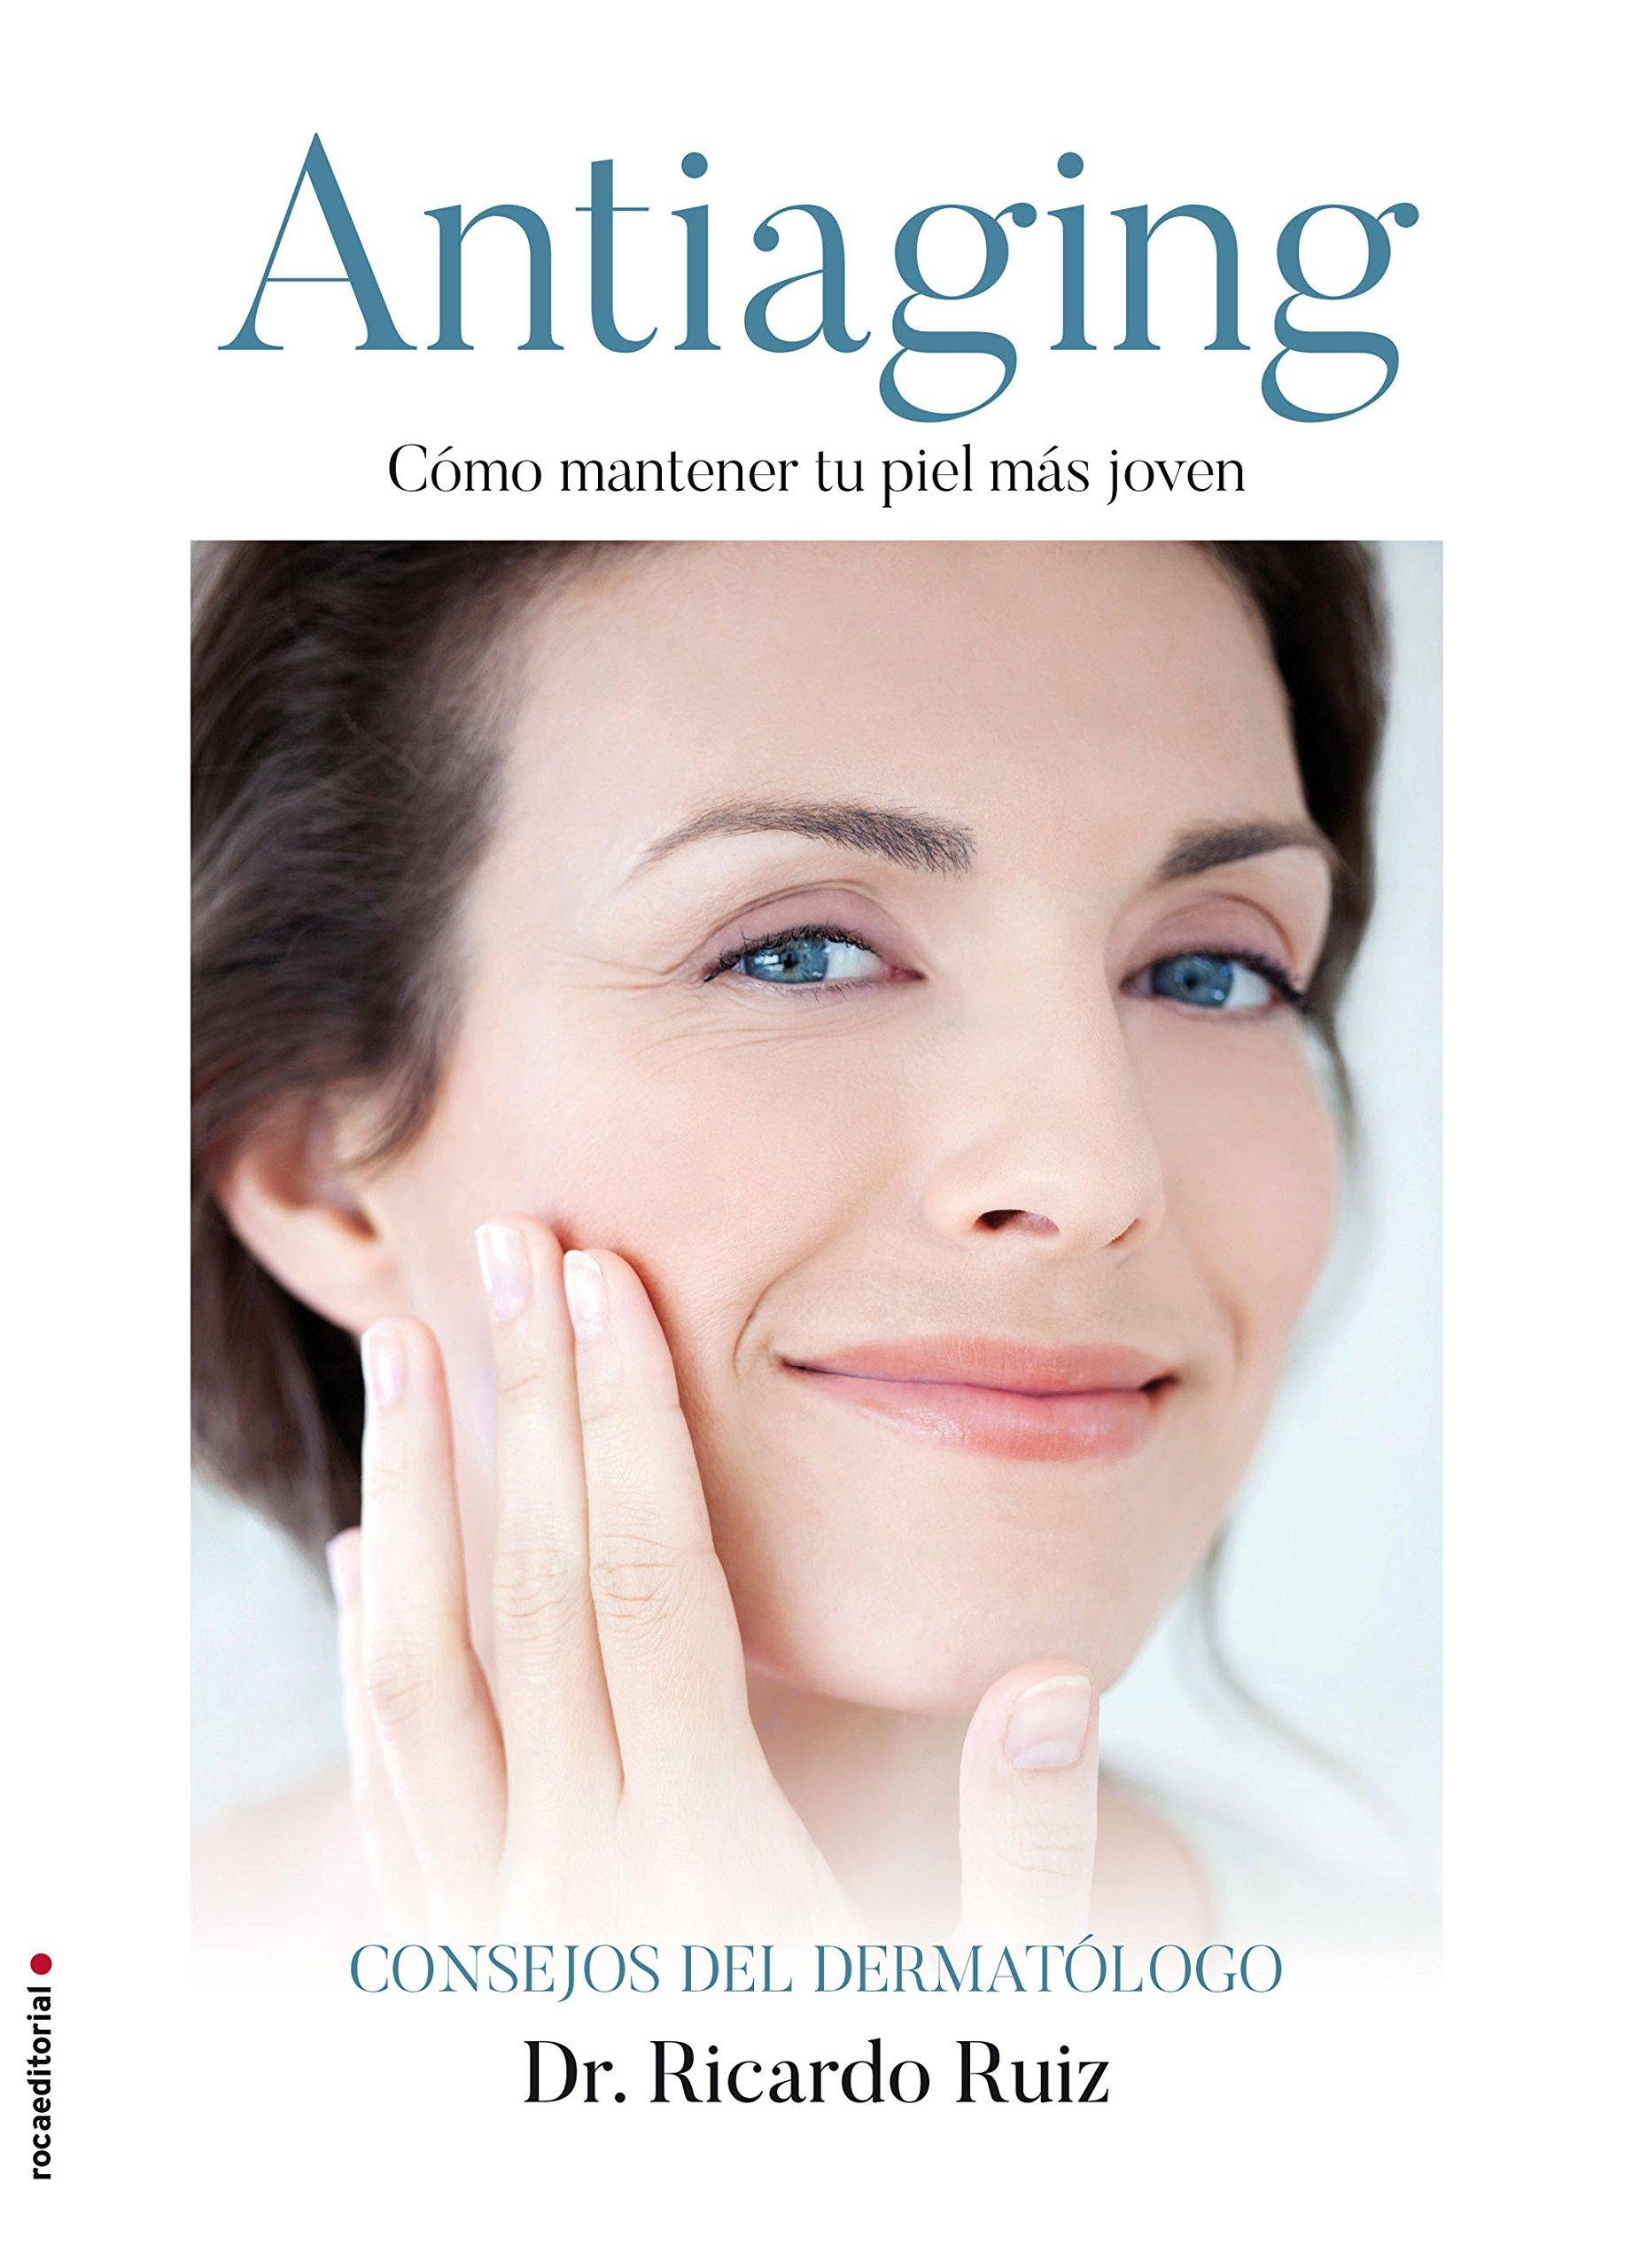 Cover de libro cuidado de la piel y antiaging, como mantener tu piel más joven.